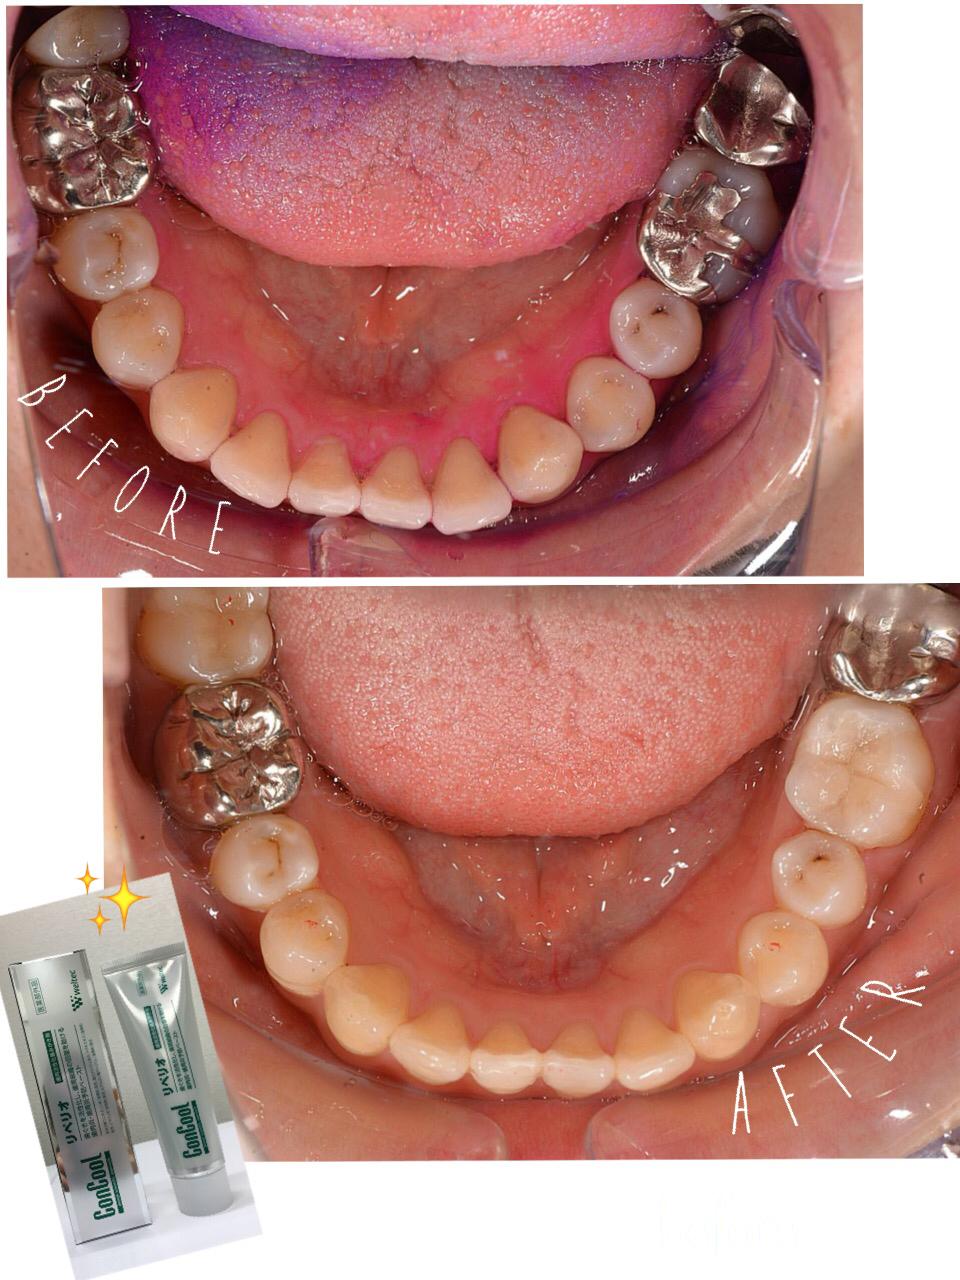 リペリオ コンクール 【3ヶ月で実感】リペリオで歯茎再生にチャレンジしよう!